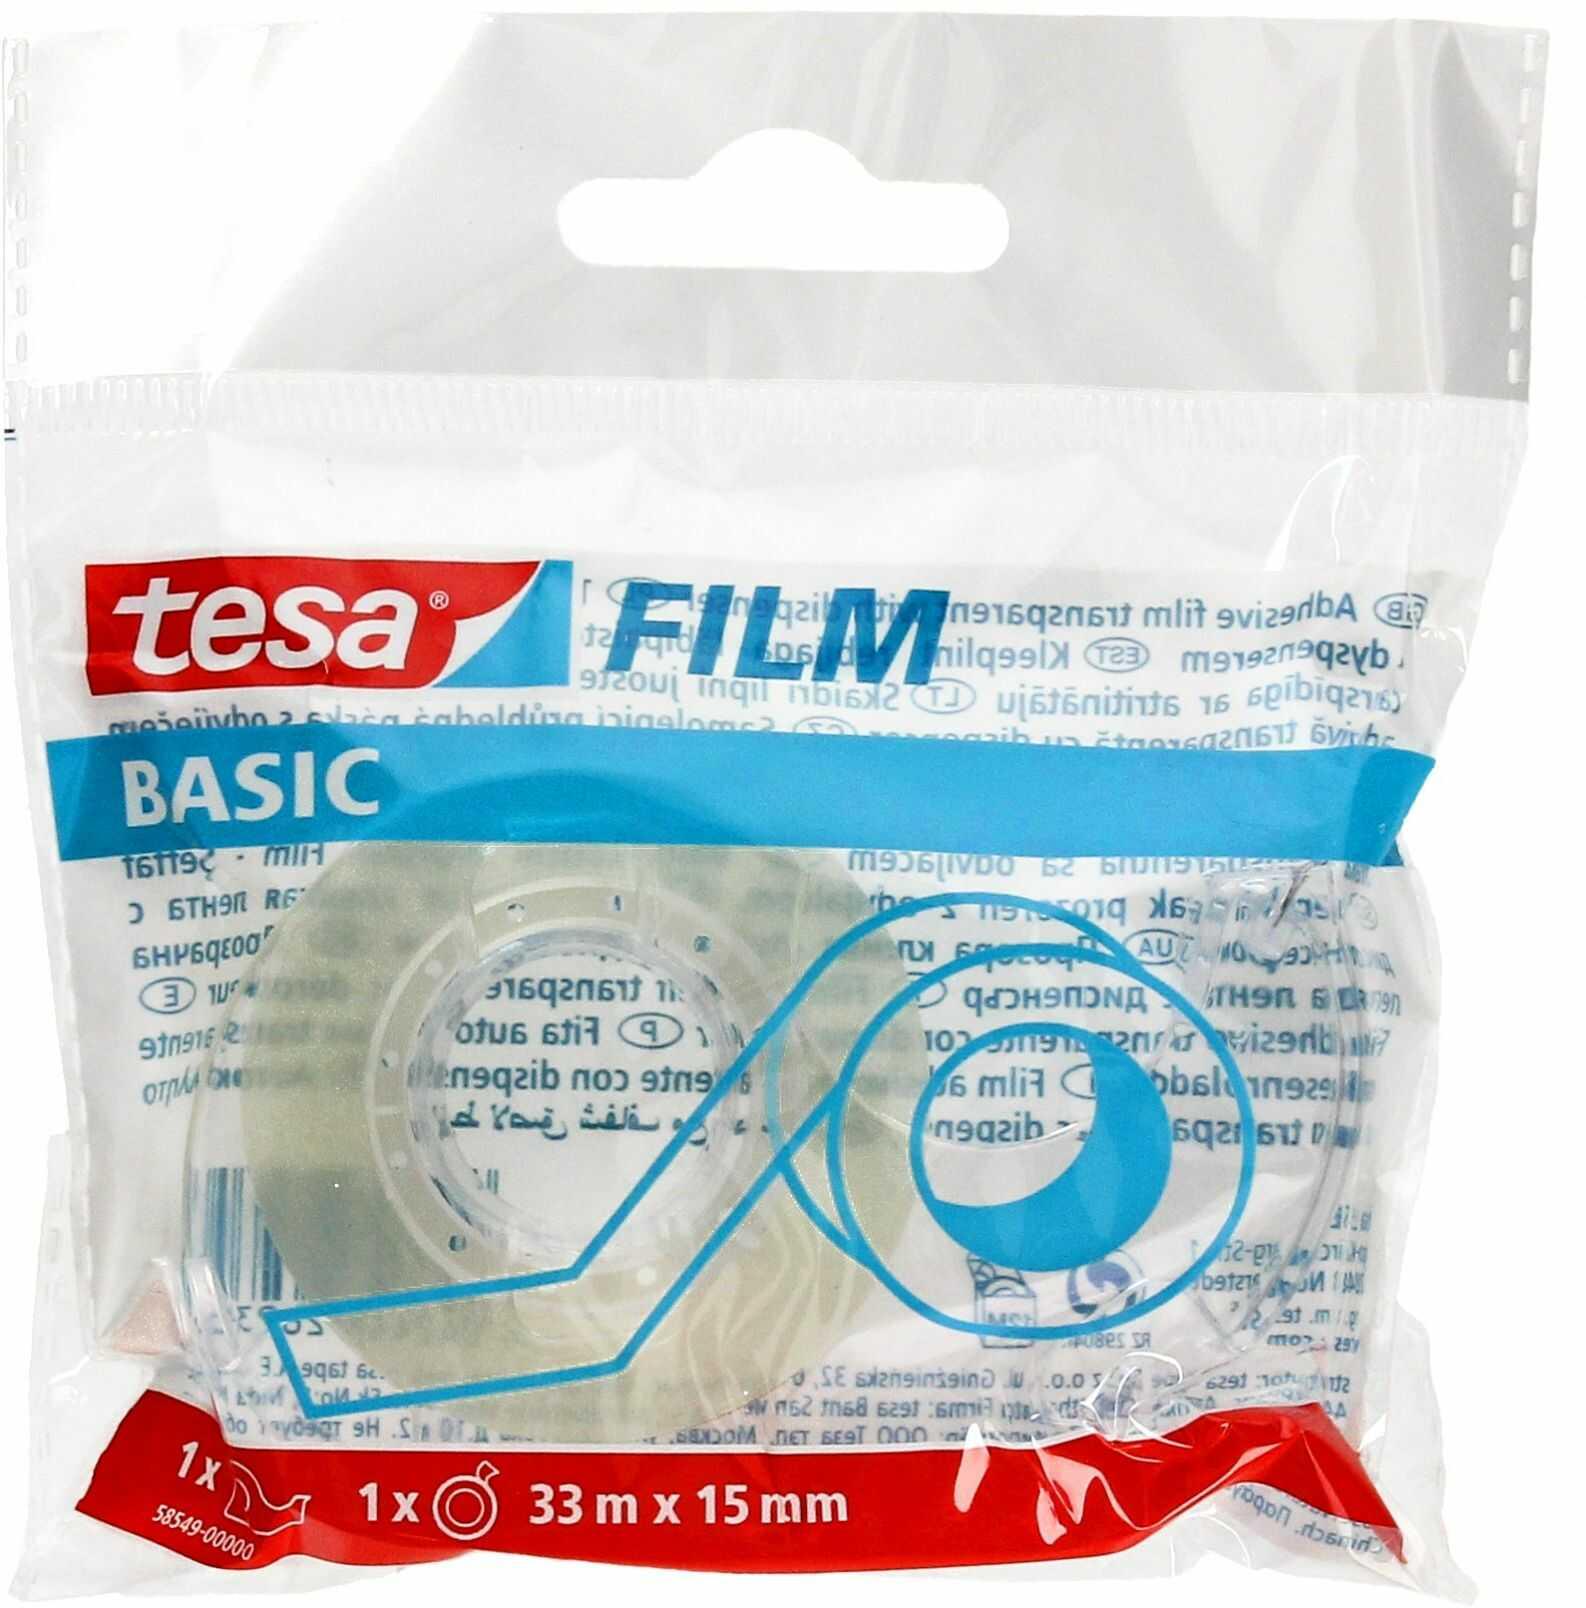 Taśma klejąca 15mmx33m przezroczysta + podajnik Tesa